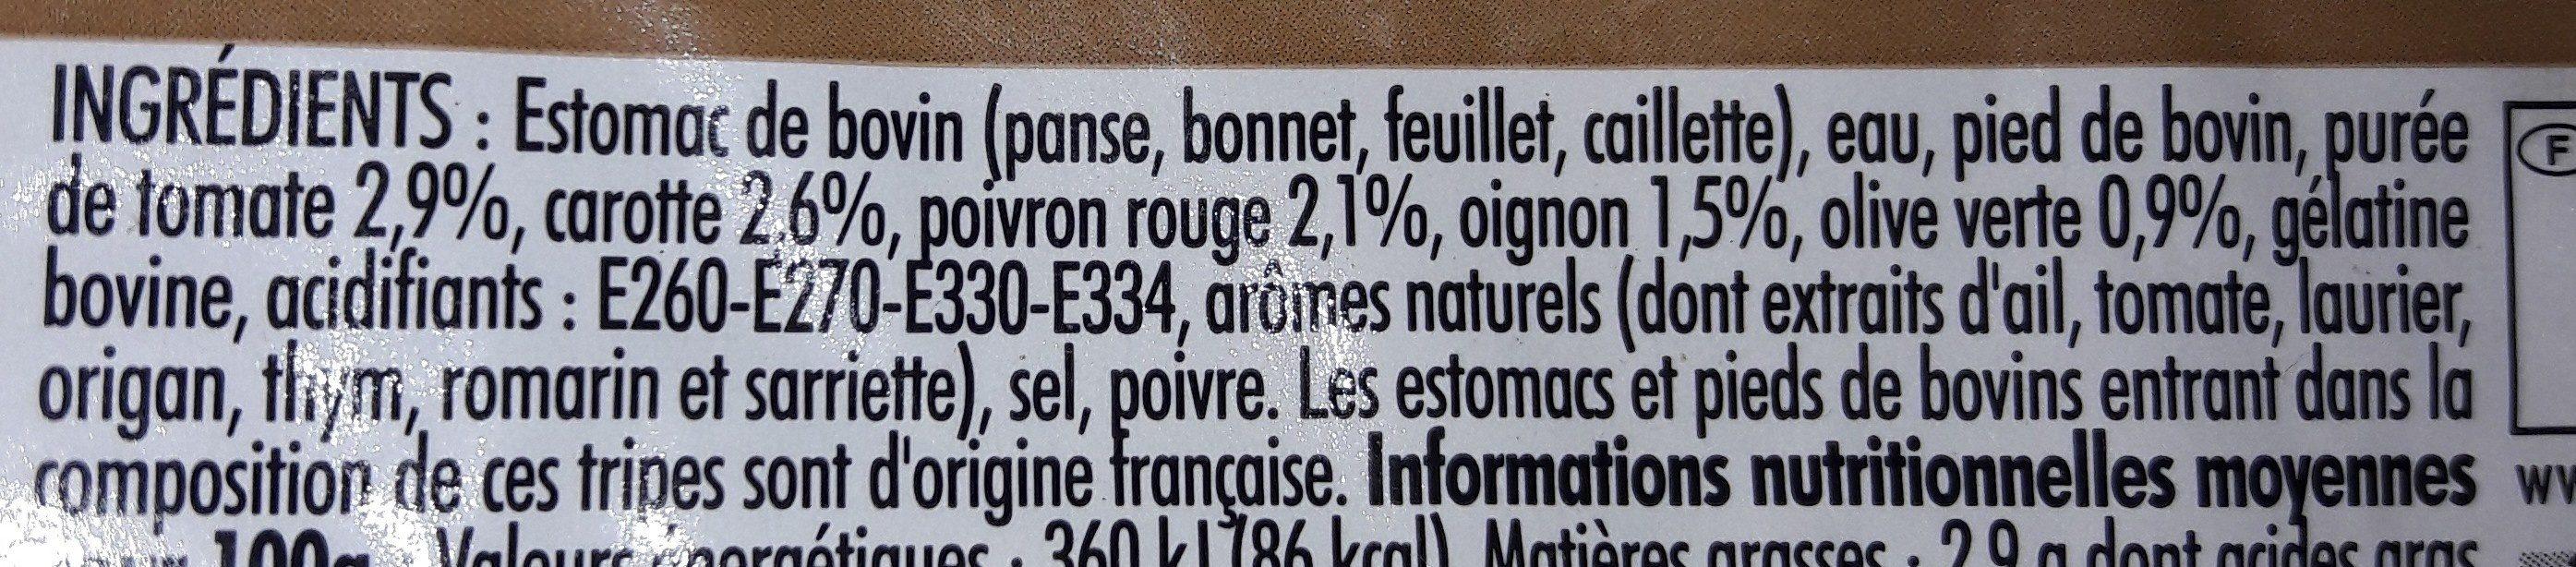 Tripes à La Provençale, La Barquette De, 500g - Ingrédients